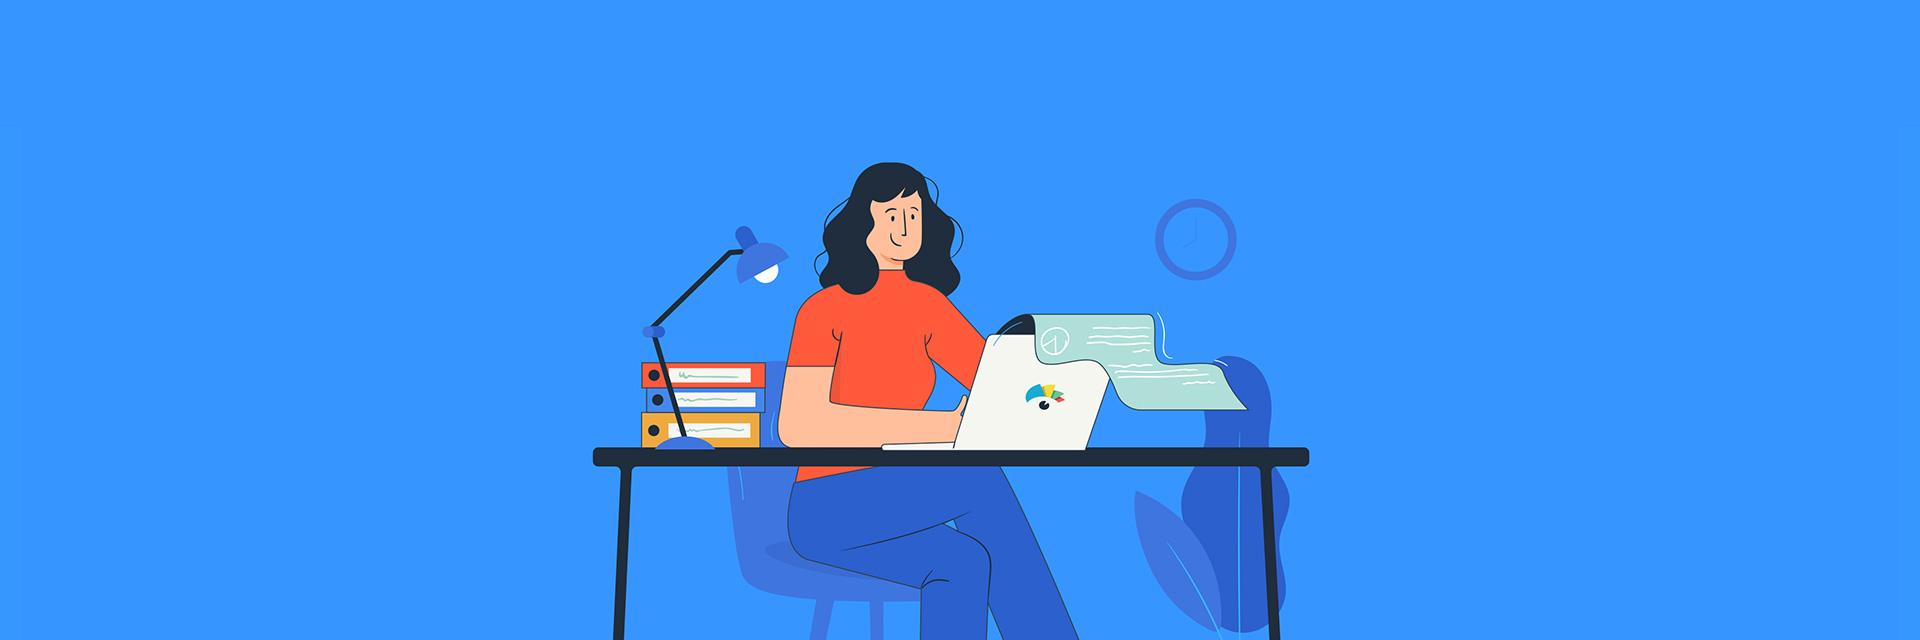 67个让非英文母语人士在邮件中可以表达得更快更好的例句/素材